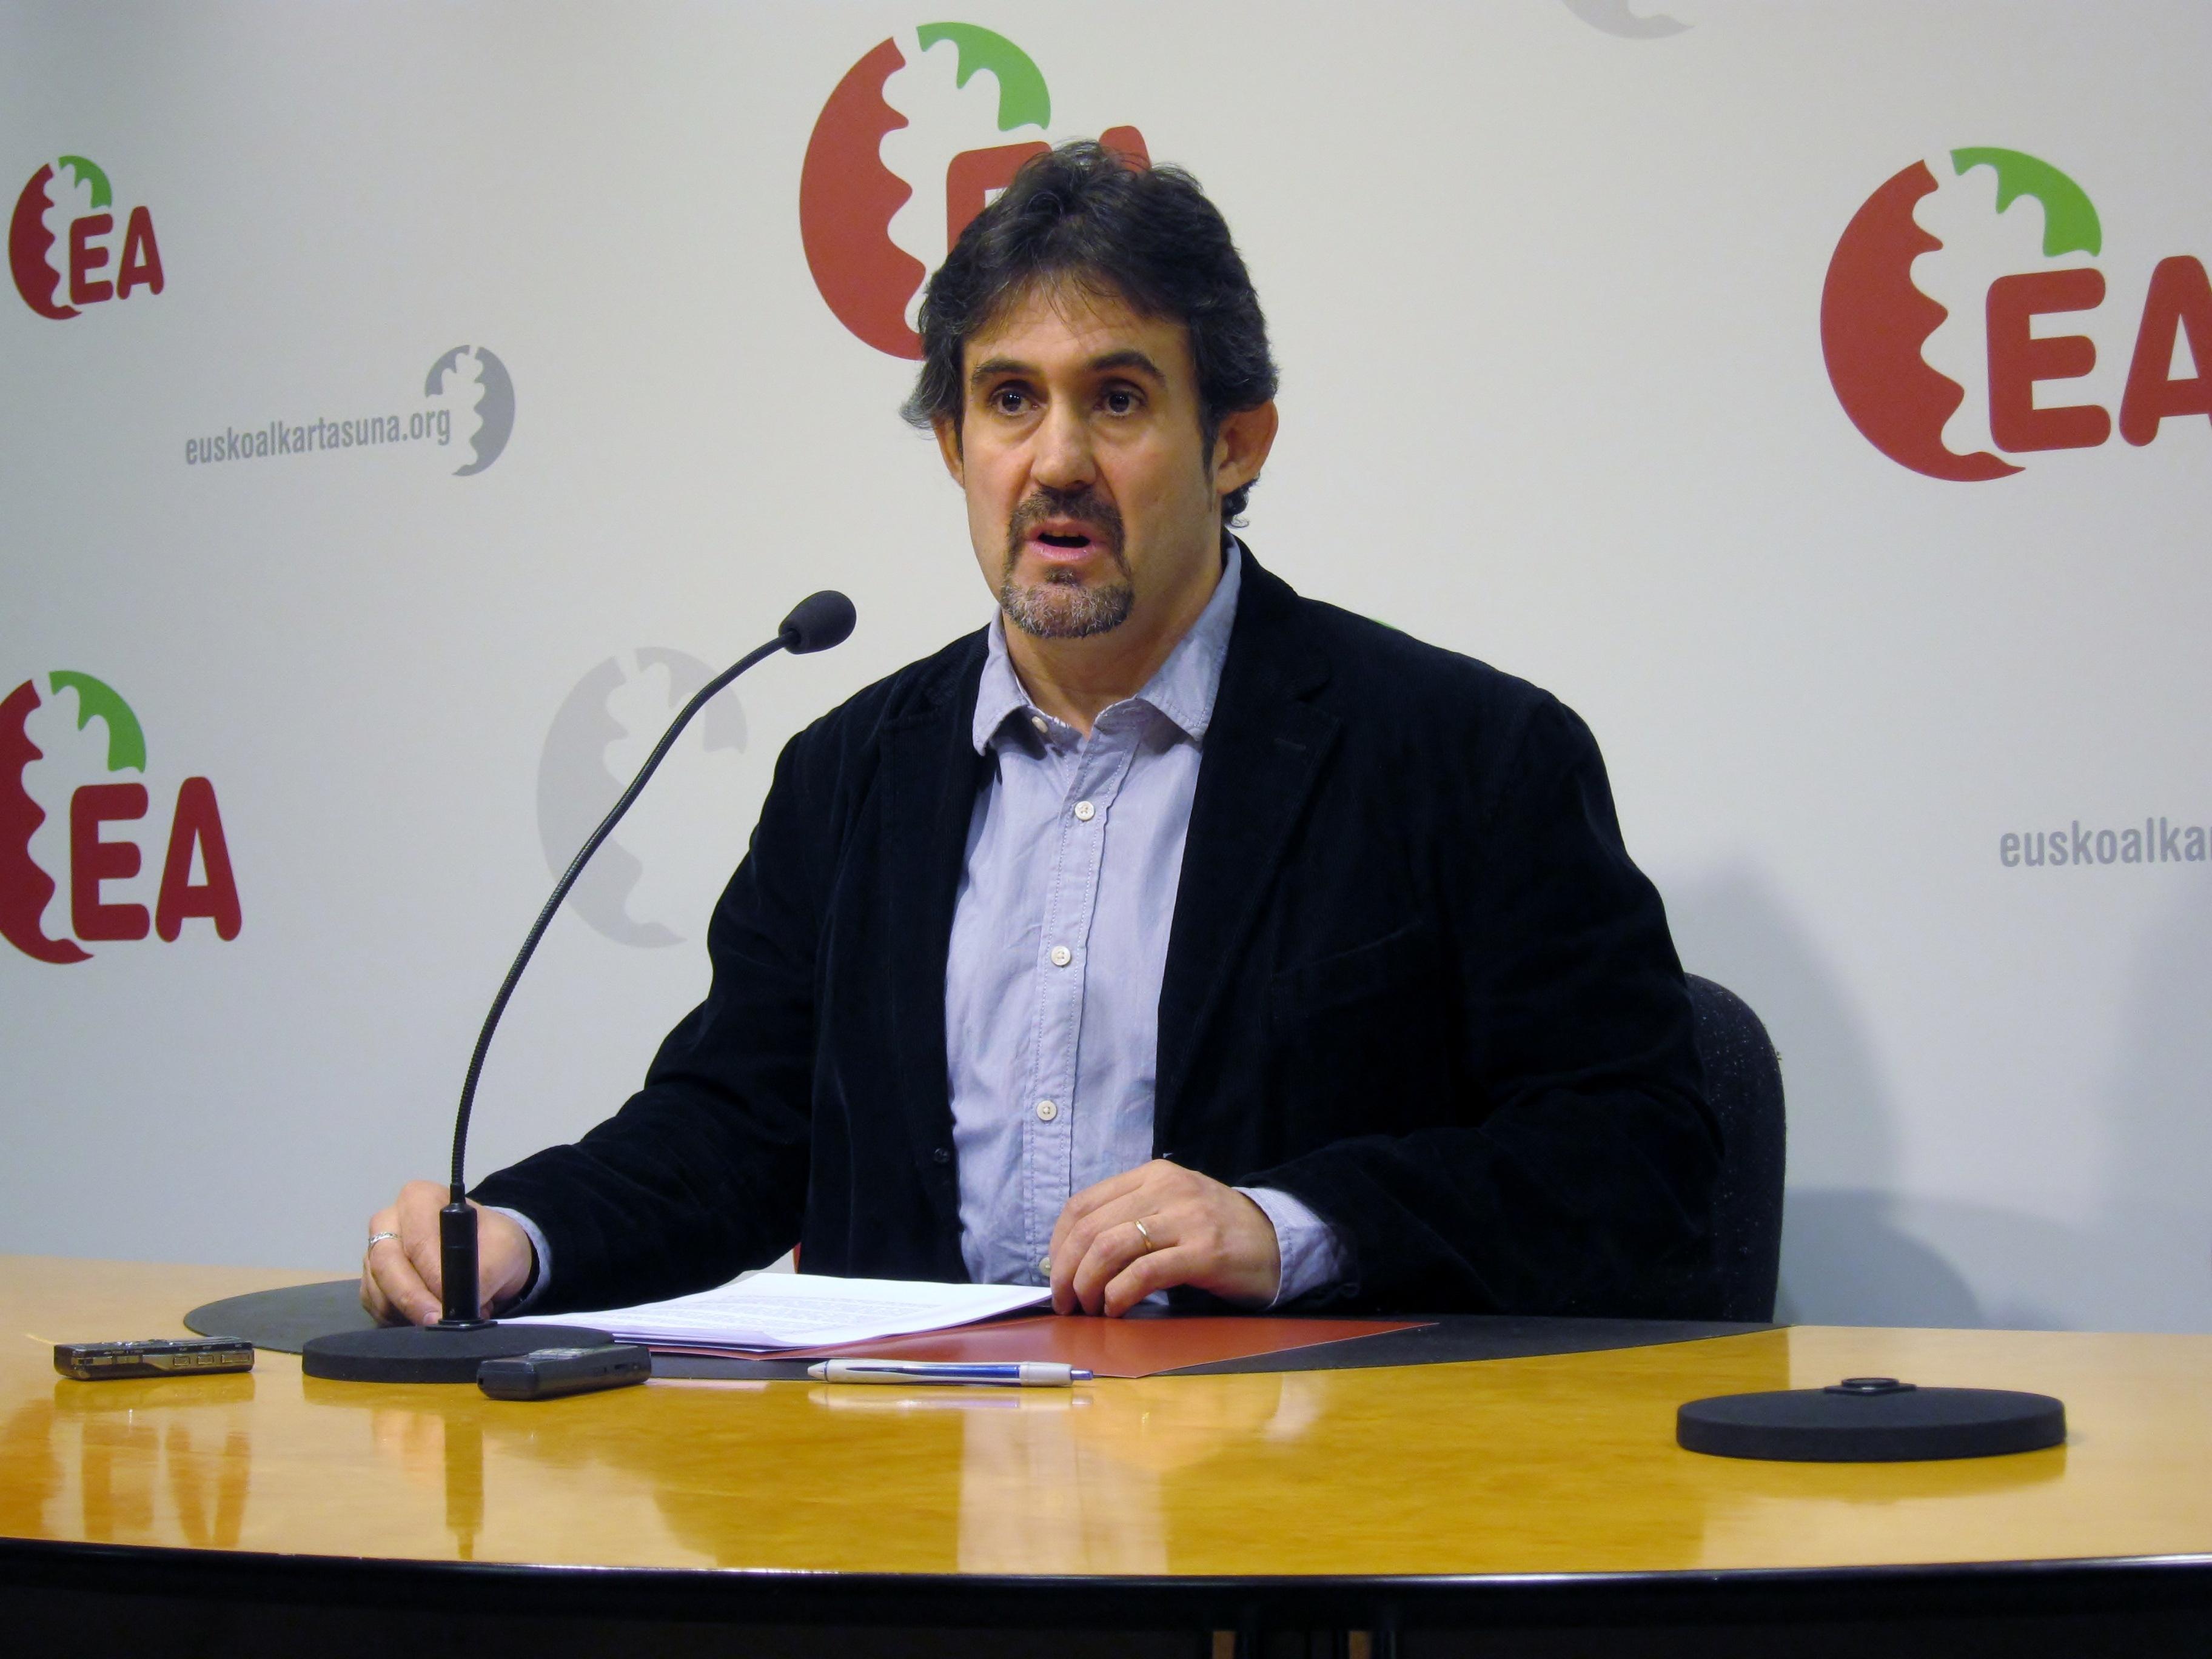 Urizar dice que Arraiz habló del rechazo a «aceptar con normalidad la transición» al afirmar que HB acertó hace 35 años